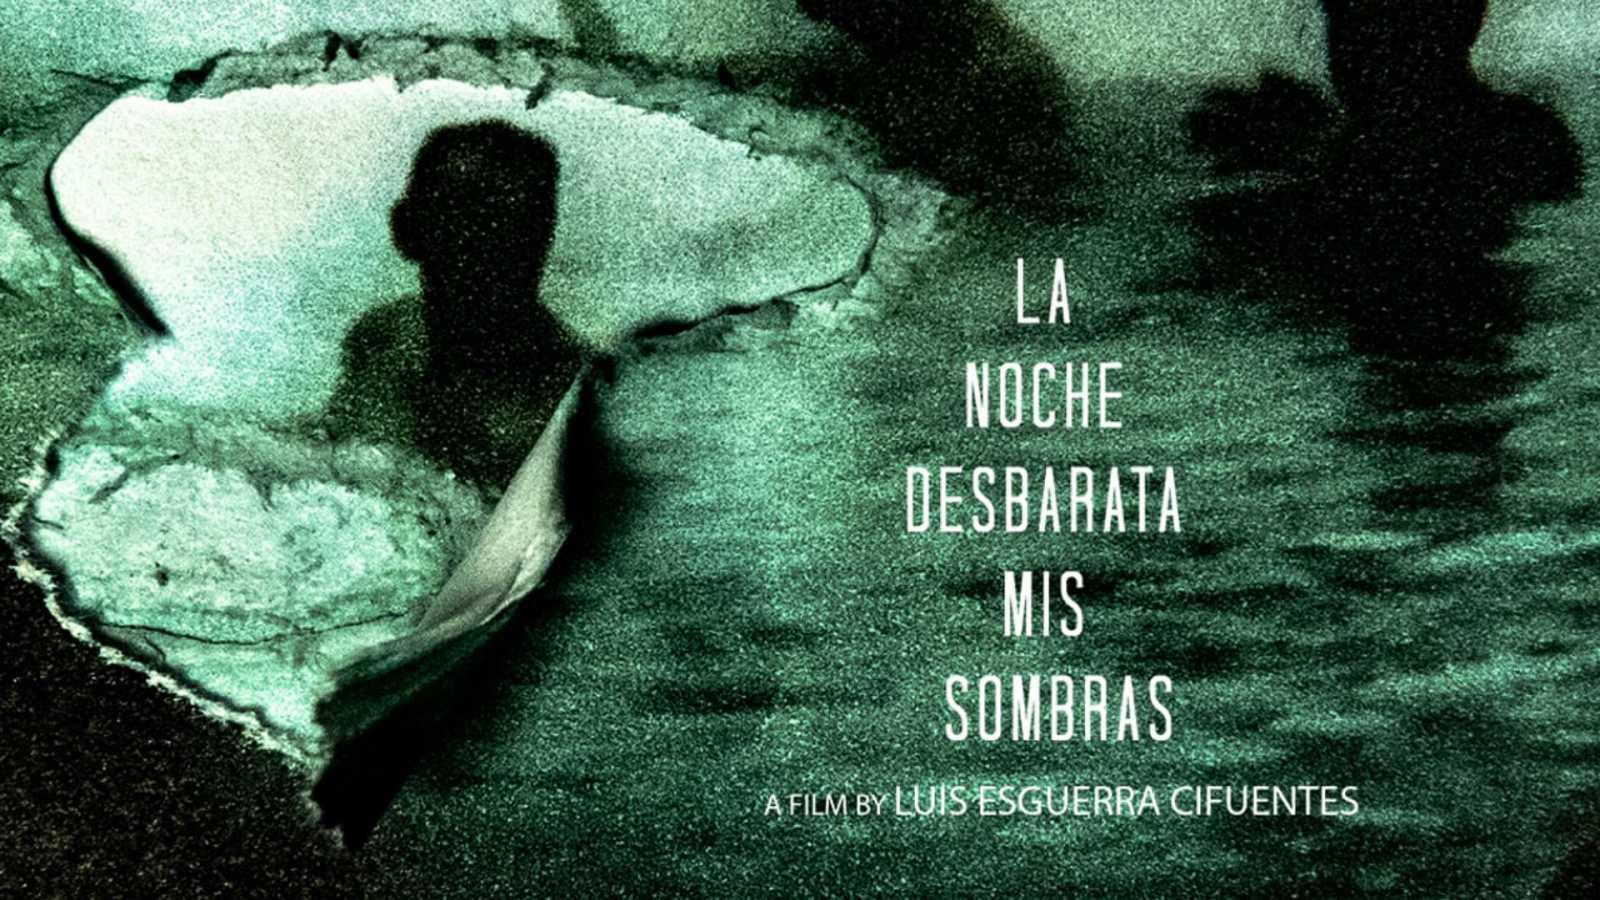 El cine que viene - Un vistazo al cine que viene colombiano - 18/09/20 - escuchar ahora